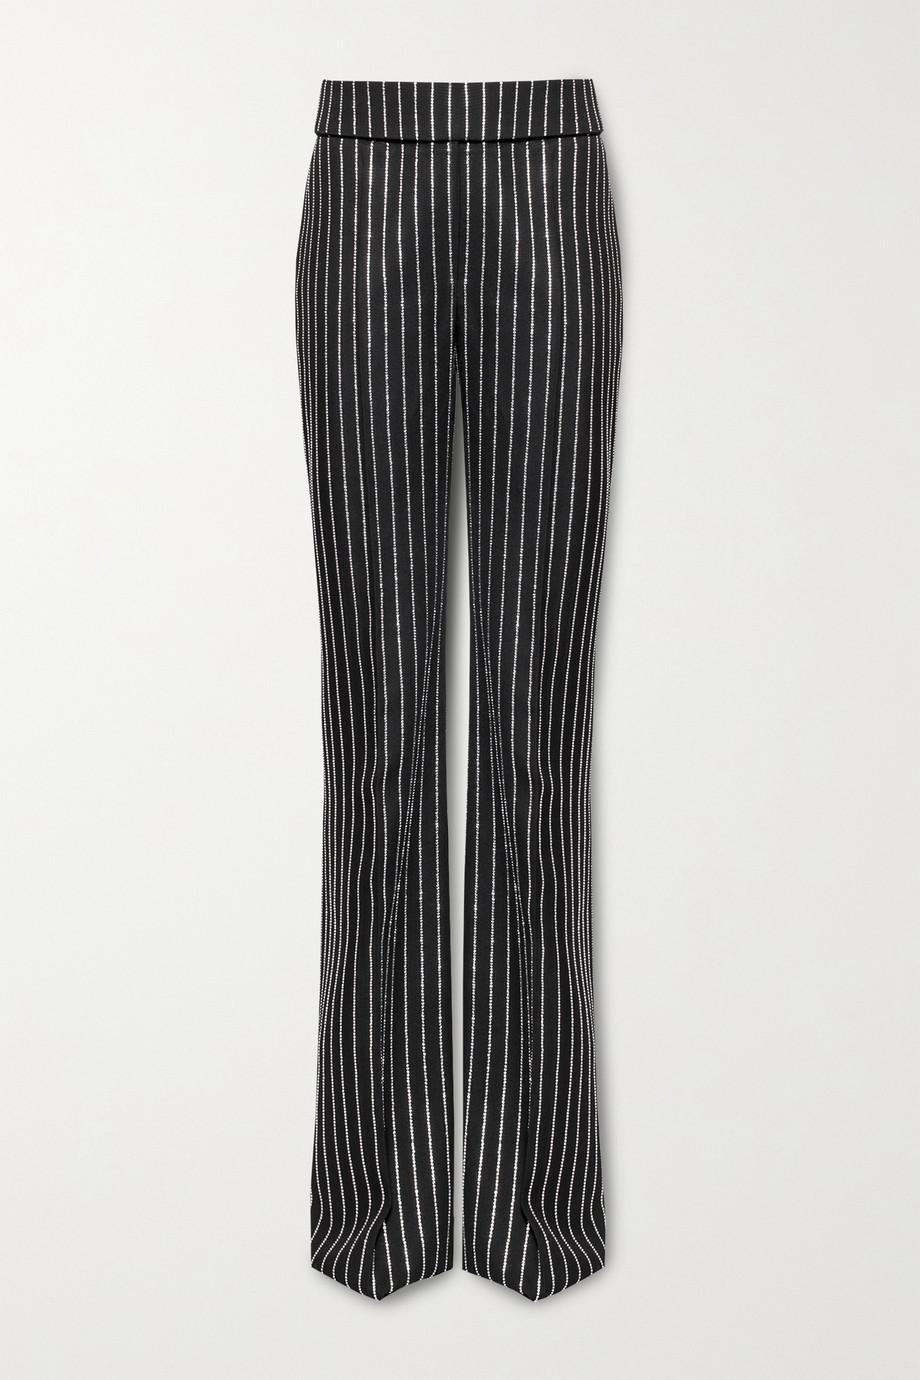 Alexandre Vauthier Hose mit weitem Bein aus Wolle mit Kristallen